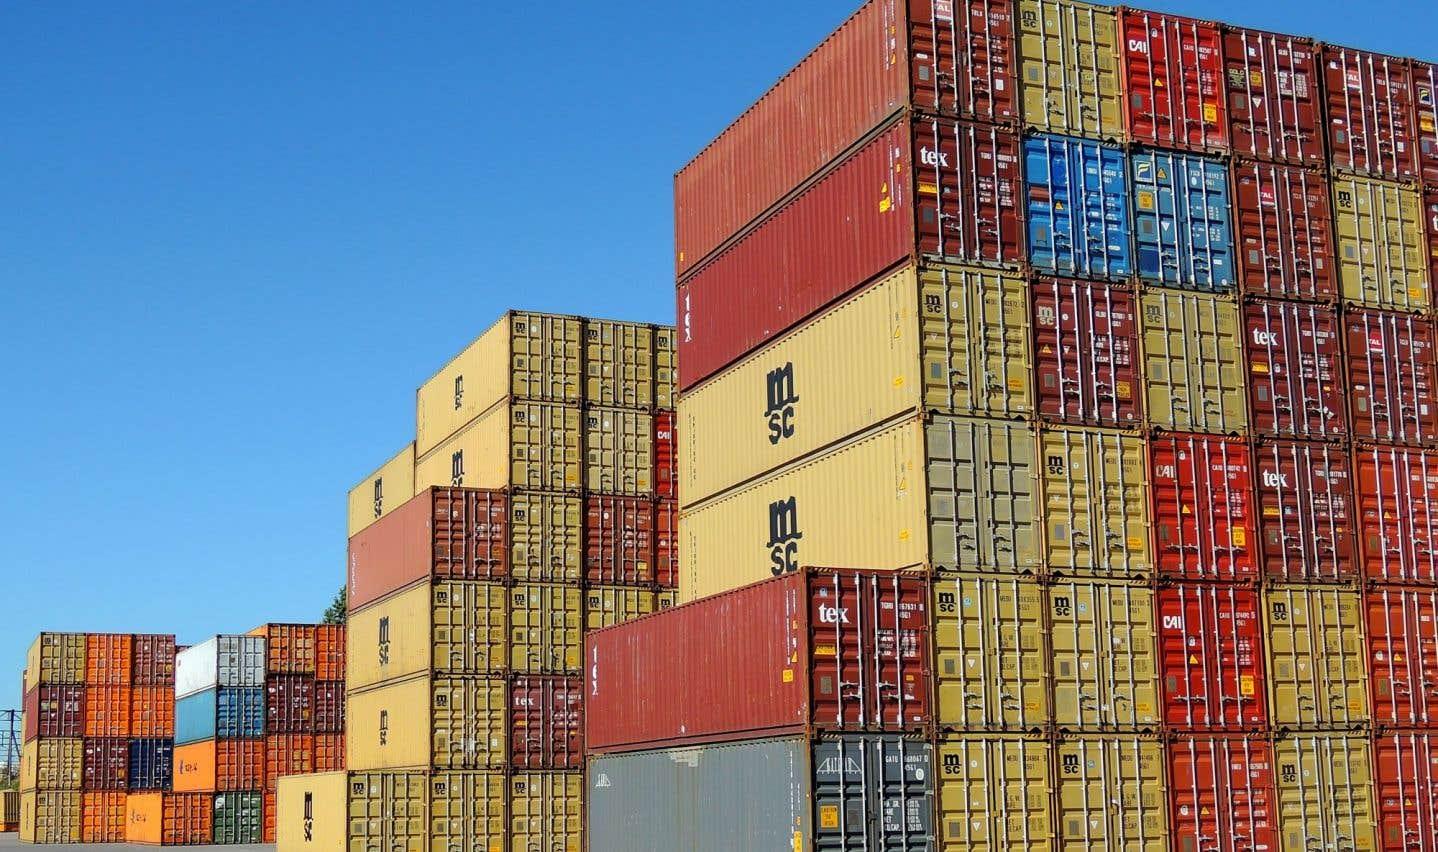 Pas moins de 2500 caissons de vingt à trente pieds transitent tous les jours au Port de Montréal.